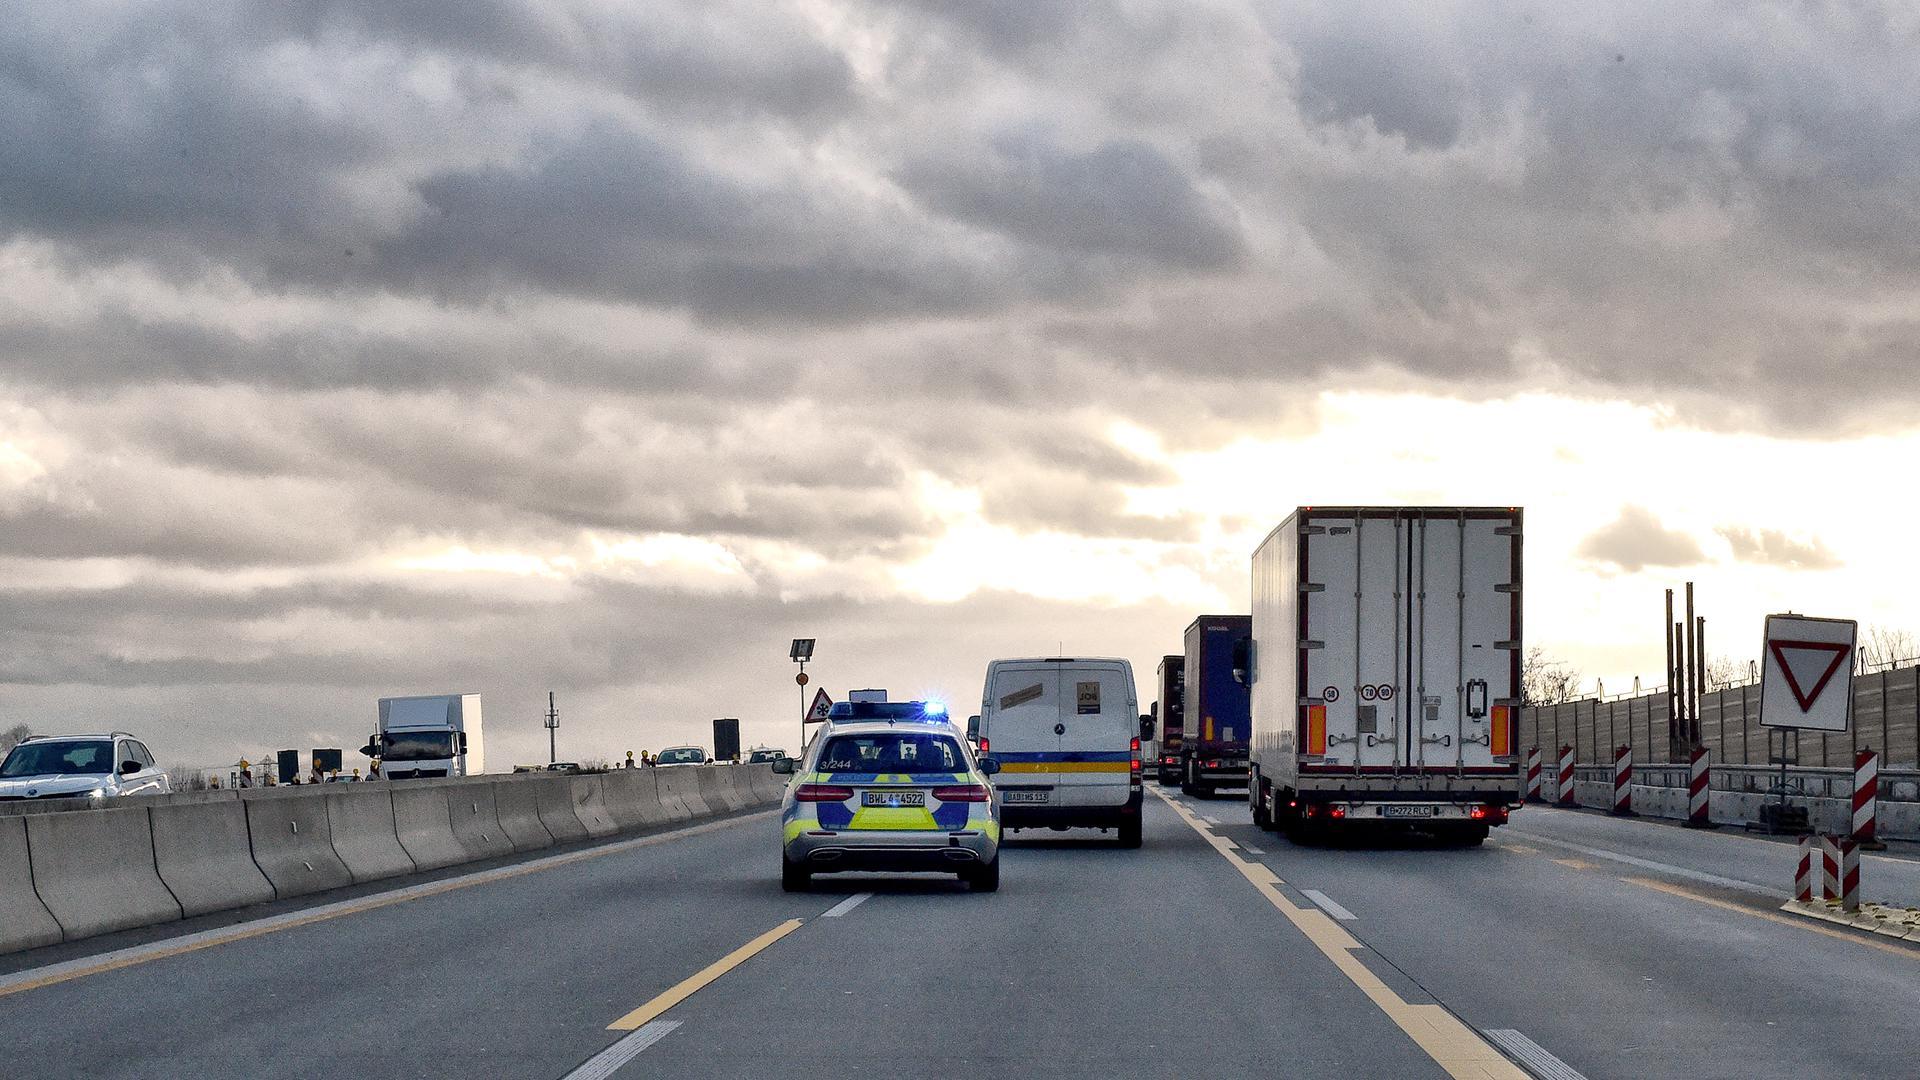 Polizei fährt auf der Autobahn (Symbolbild)